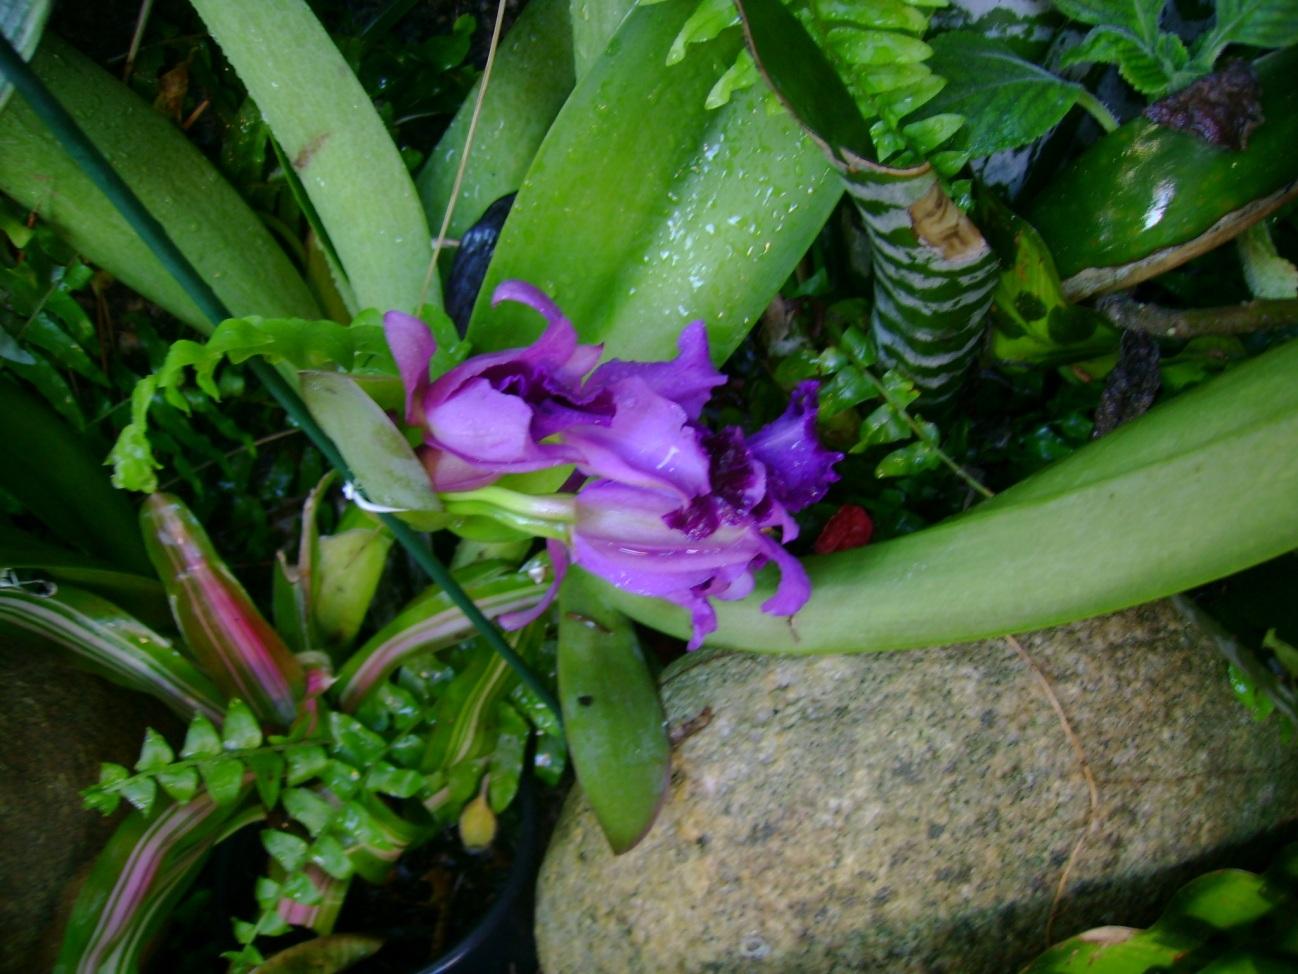 flores jardim do mar:Neumar Monteiro: AS FLORES DO JARDIM DA MINHA CASA